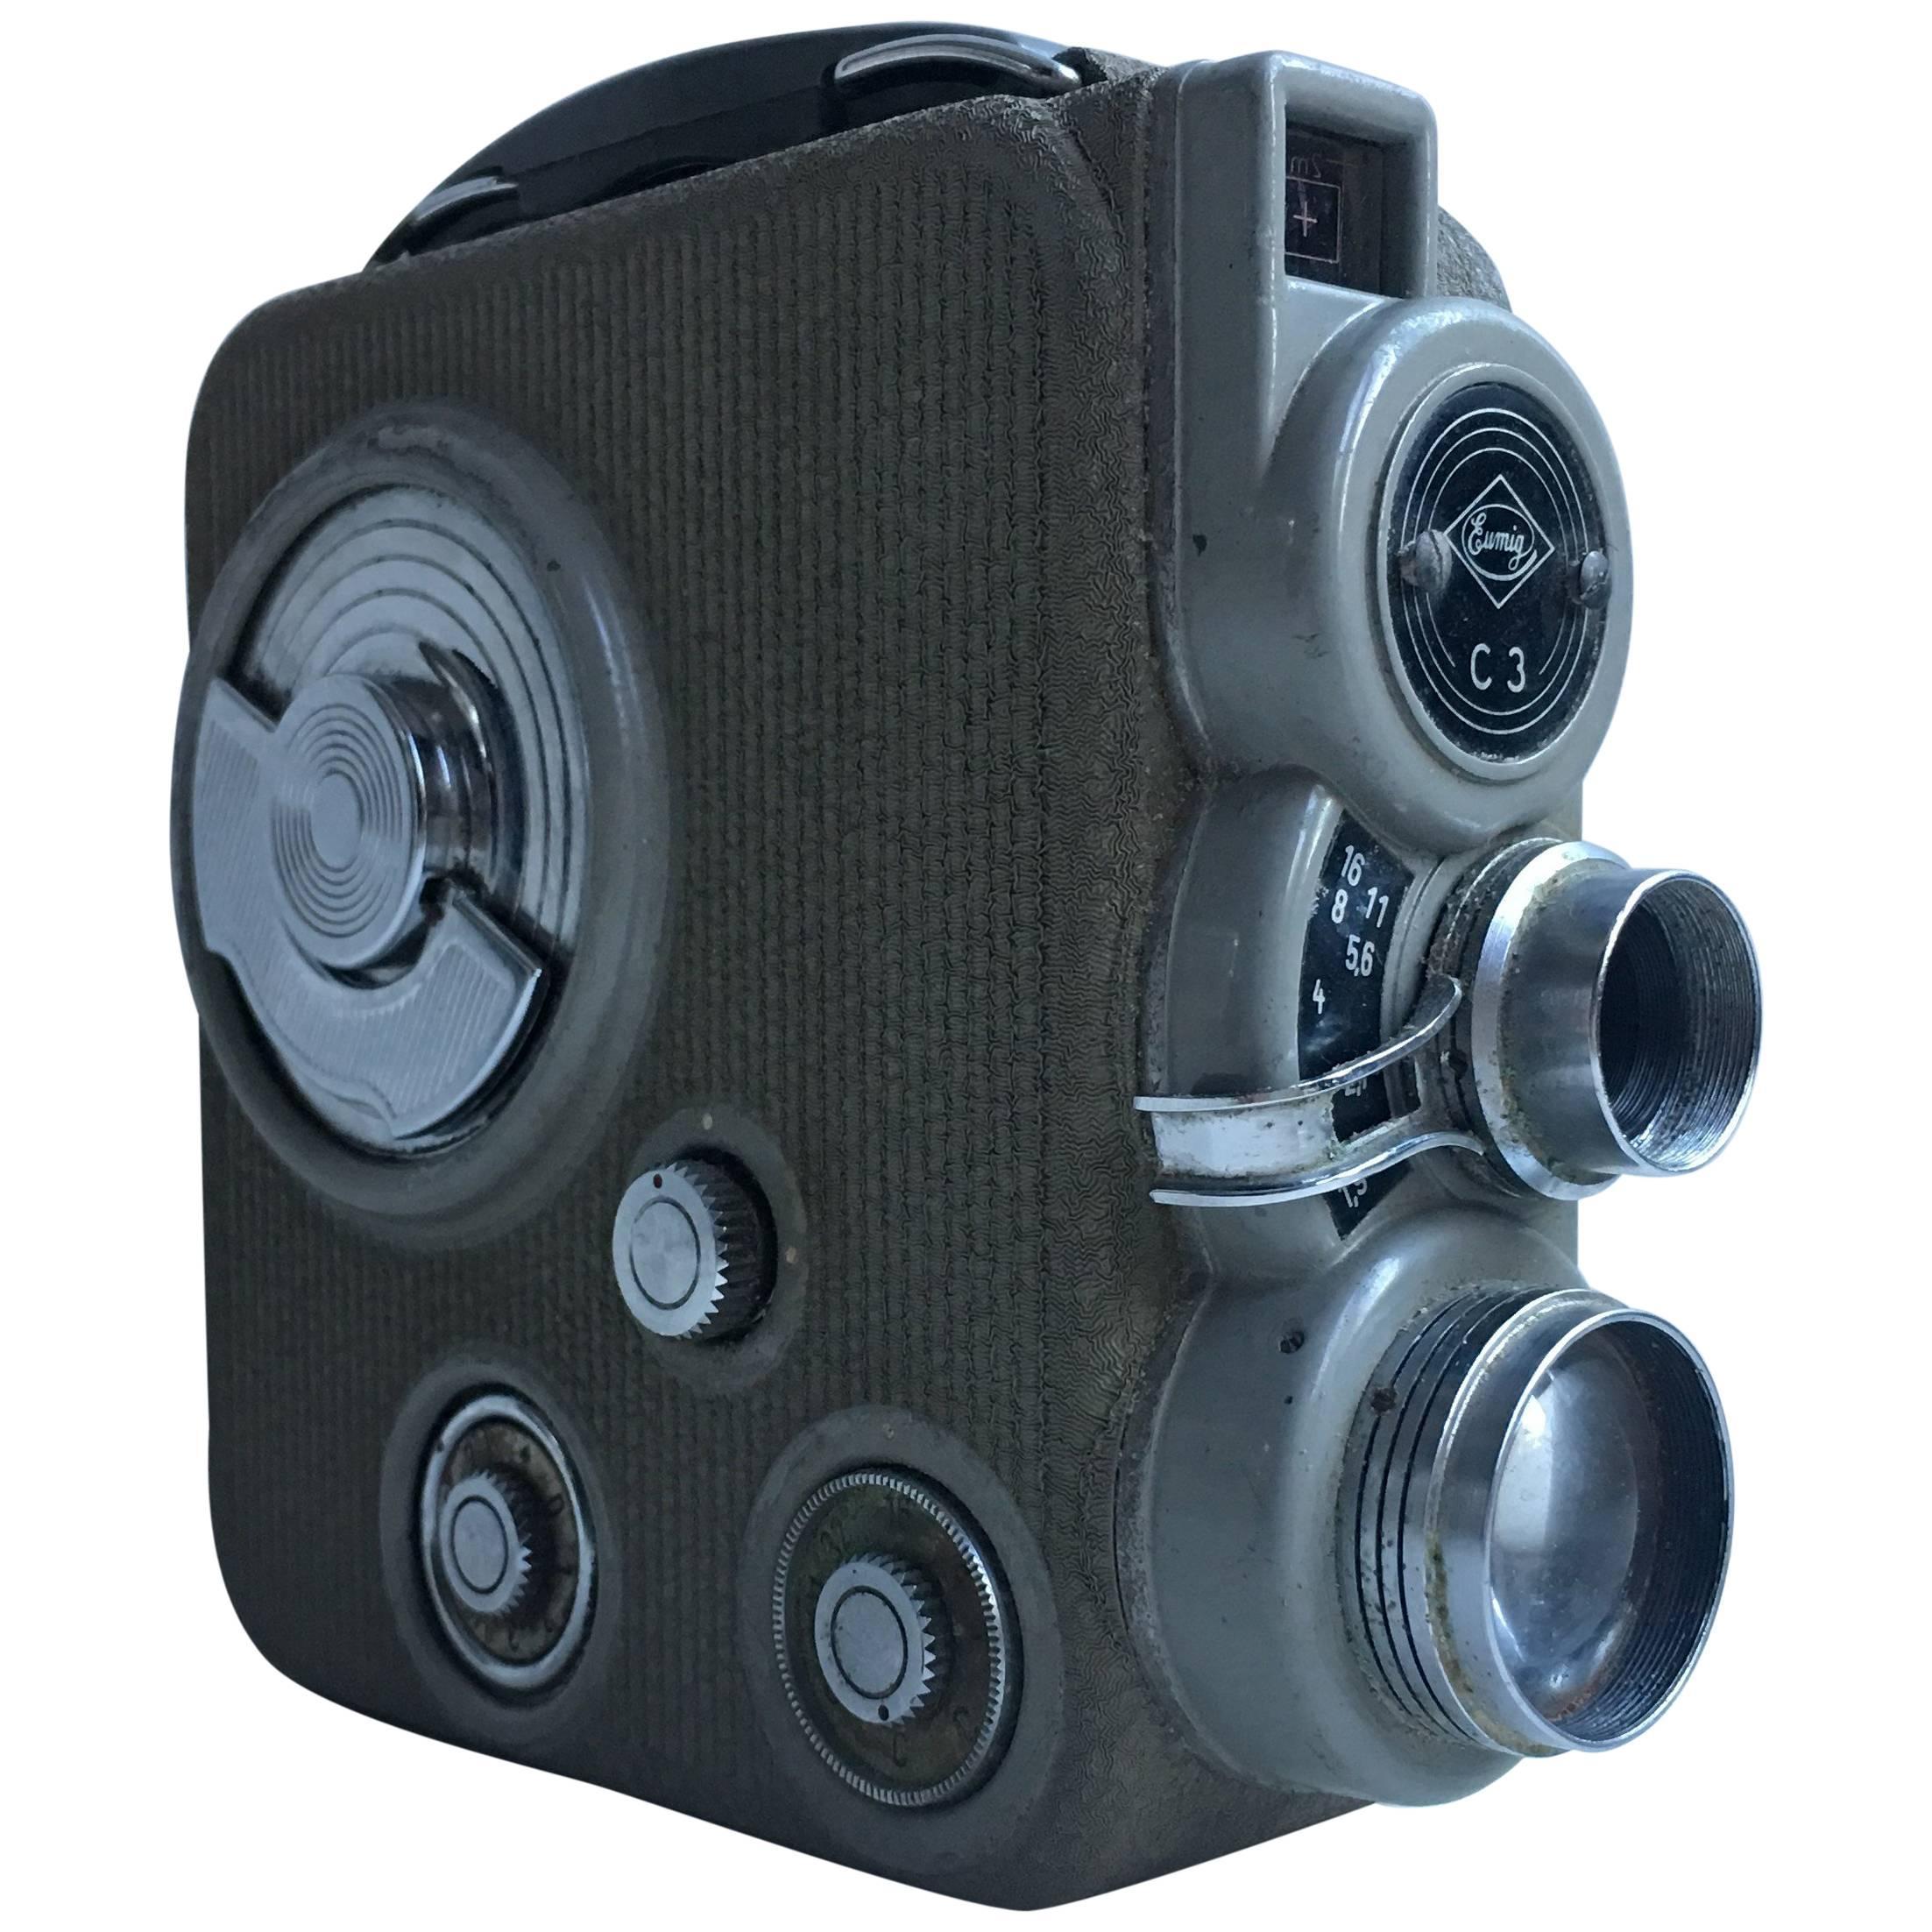 1960 Portable Video Camera Eumig